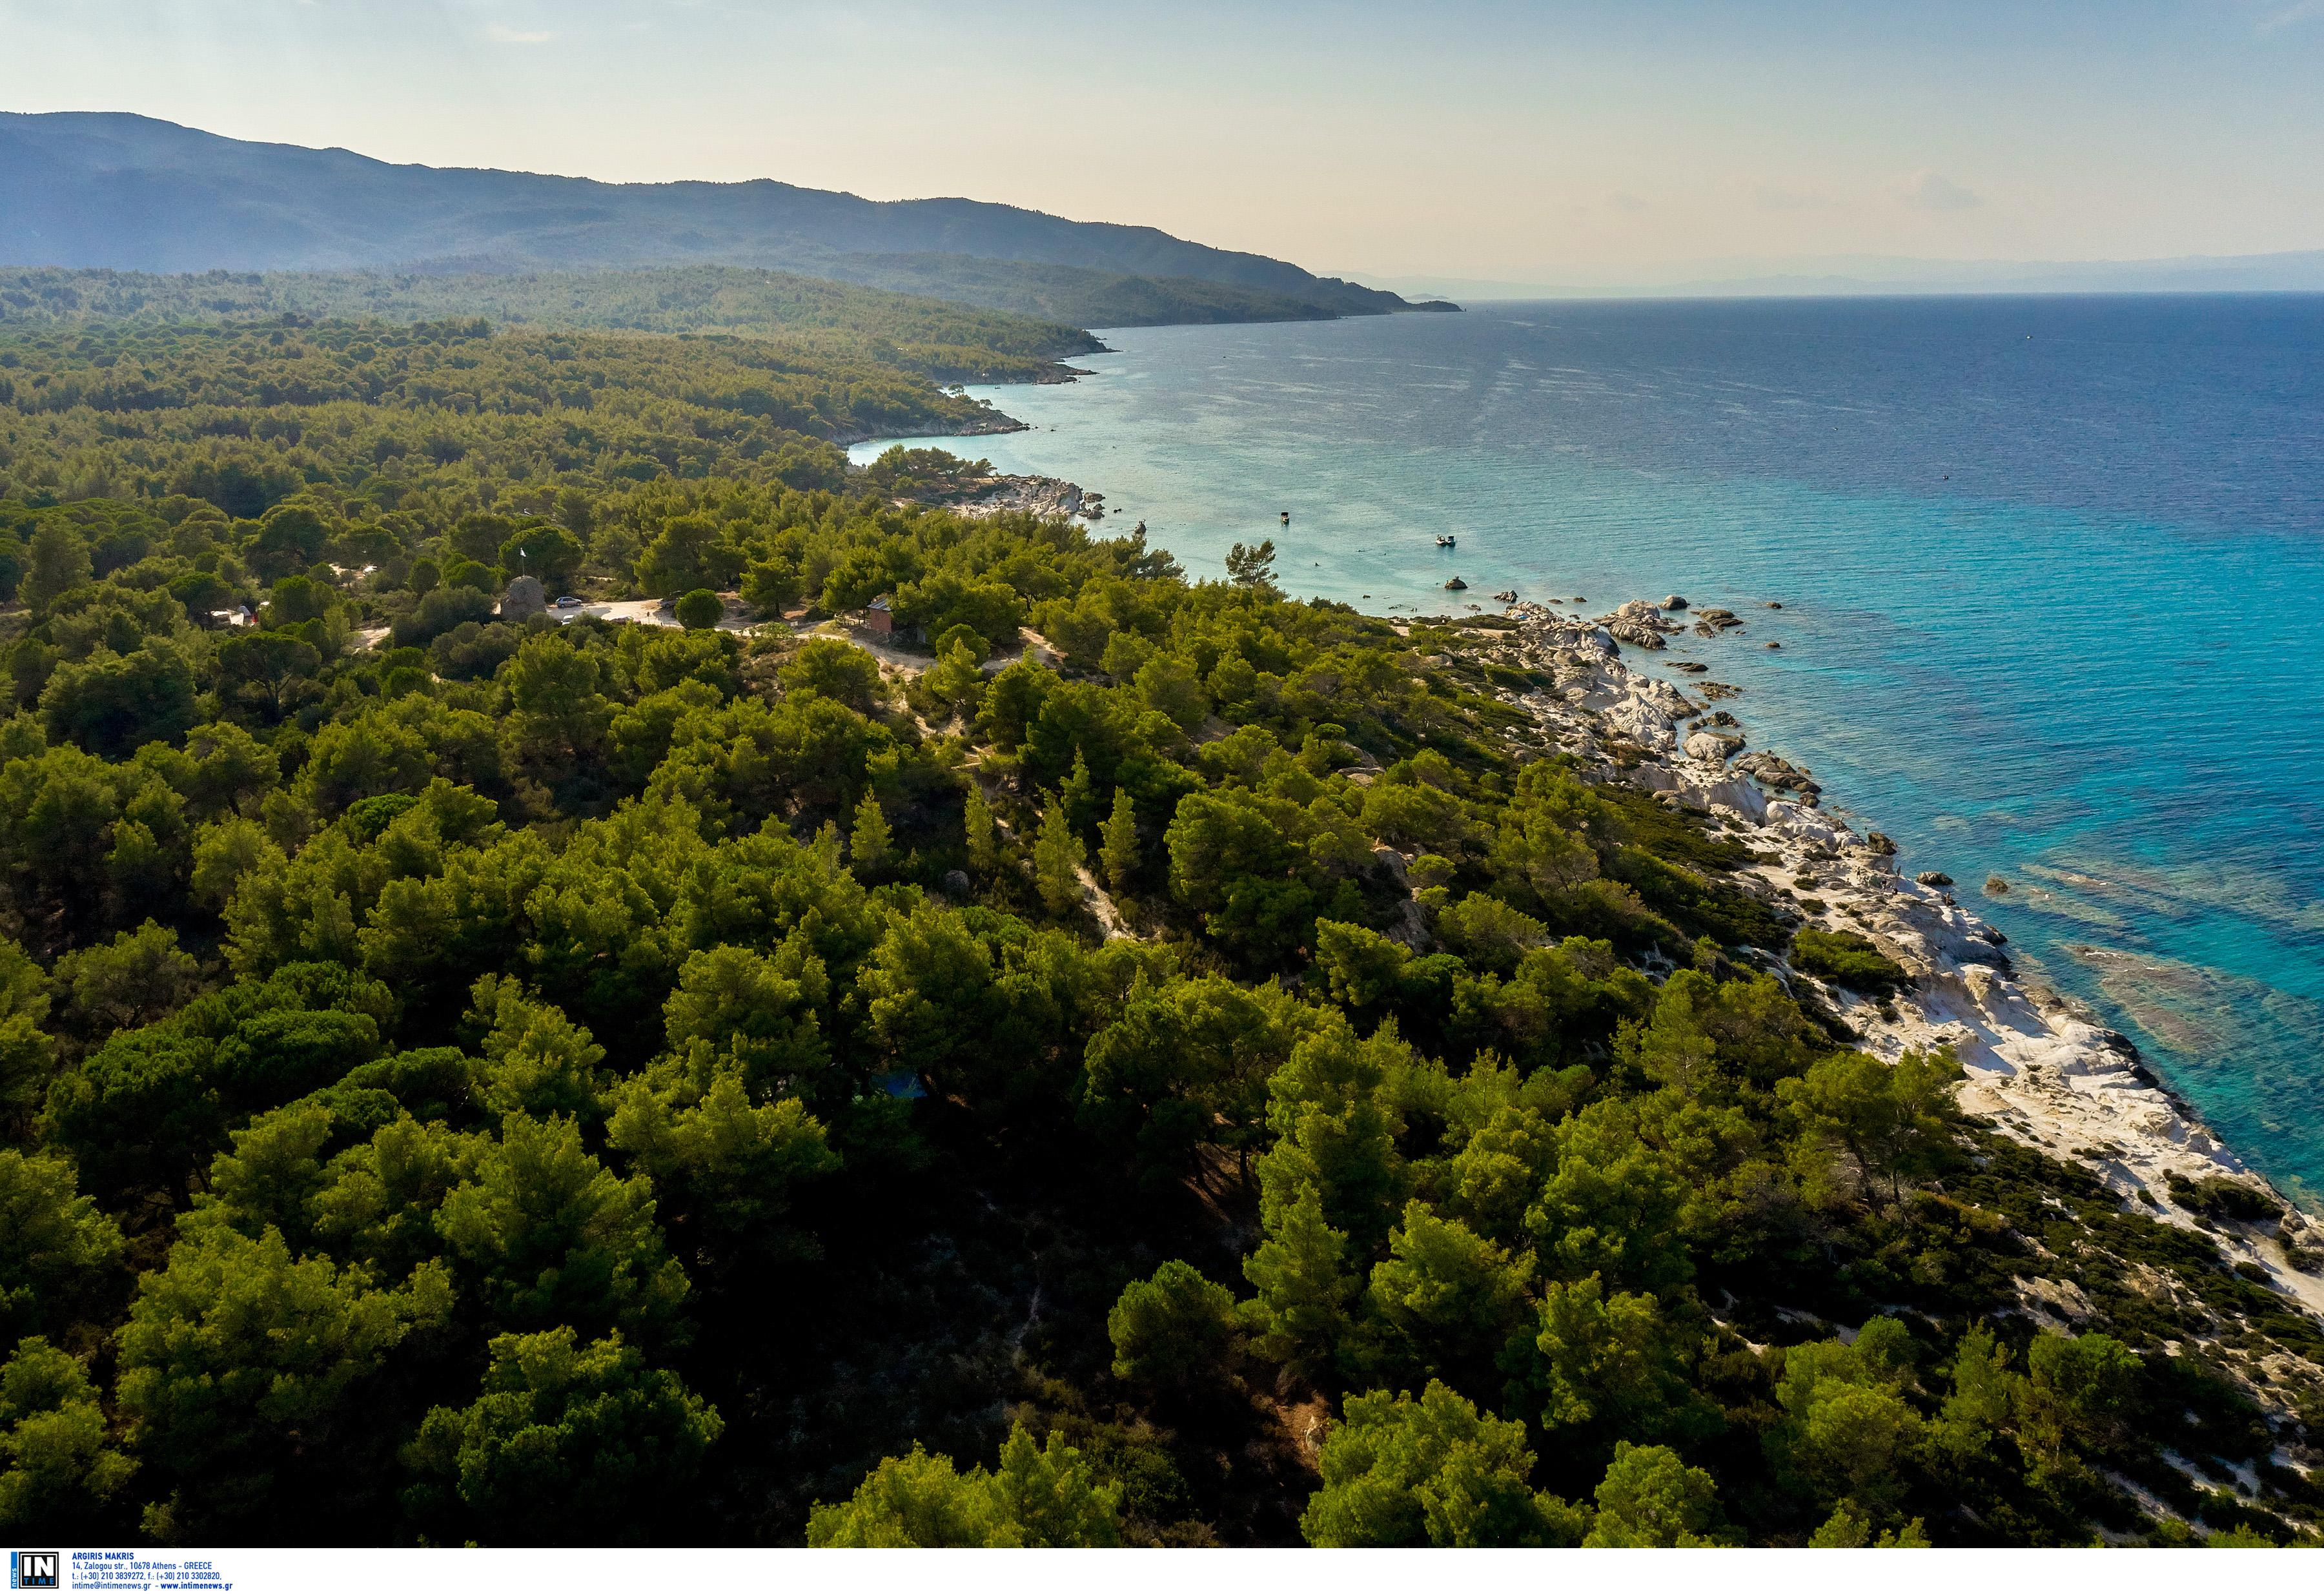 Καιρός: Το μελτέμι «πάγωσε» τις θάλασσες – Το Ιόνιο πιο ζεστό από το Αιγαίο!